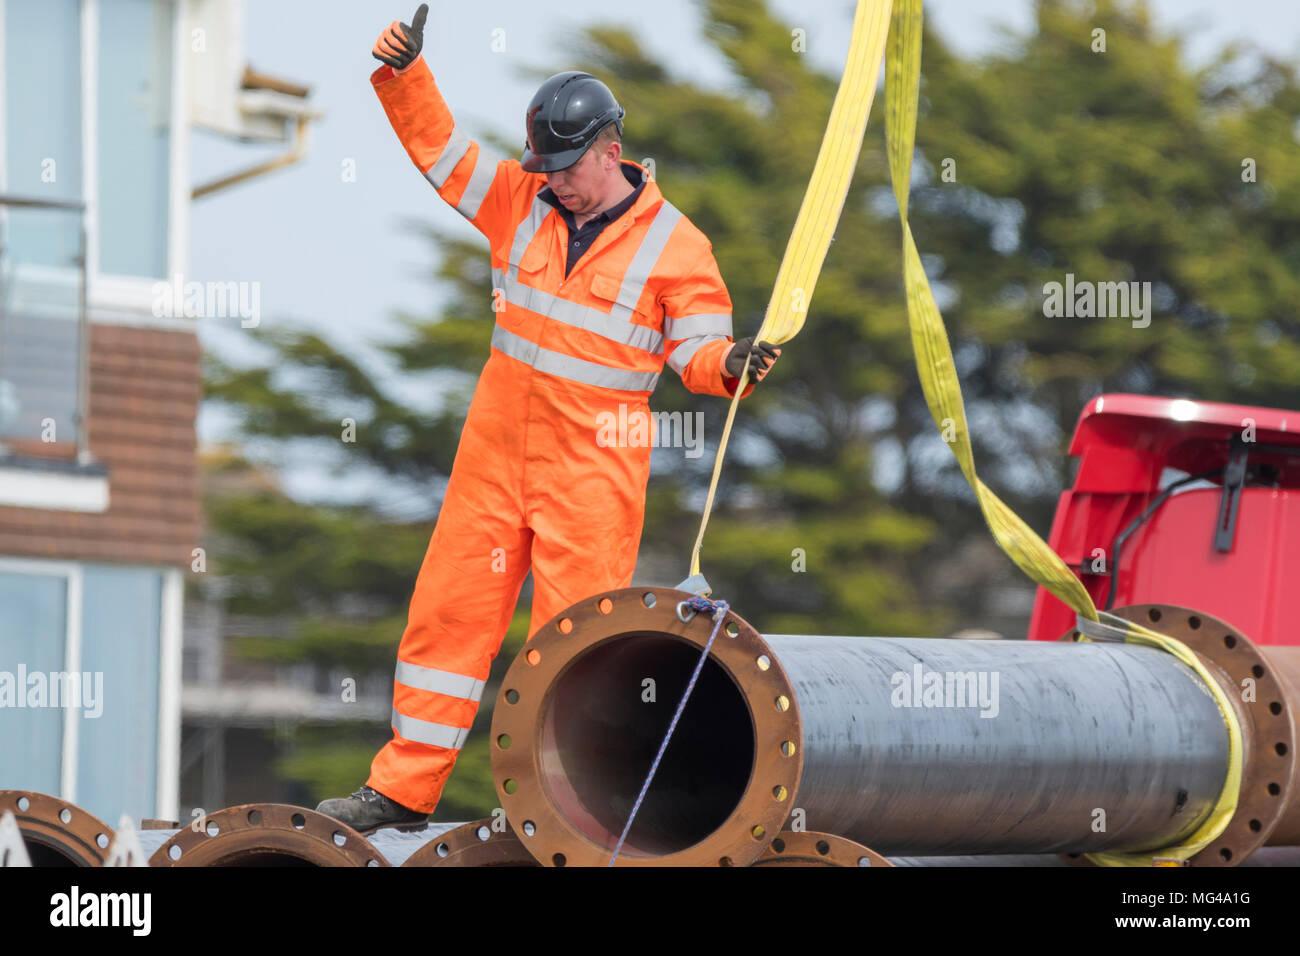 Costruzione maschio lavoratore di indossare abbigliamento protettivo e casco mentre la segnalazione con il pollice fino a un collega per il sollevamento di una tubazione. Immagini Stock